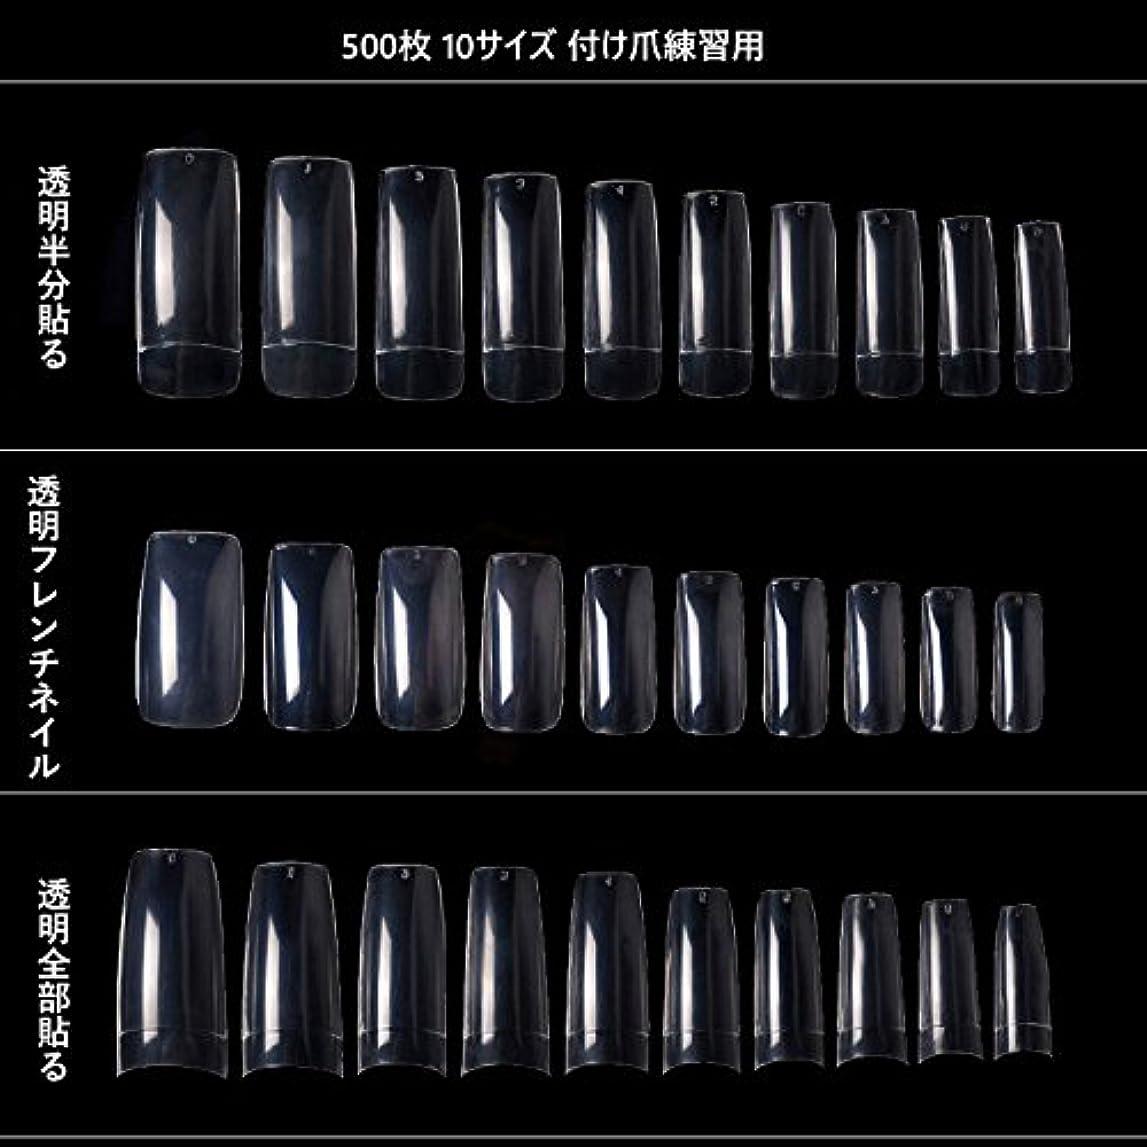 例外オークスタウト500枚 10サイズ 付け爪練習用 つけ爪 無地 ロング オーバル ネイルチップ クリア ネイルチップ ロング 付け爪 練習用 透明 (透明全部貼る)